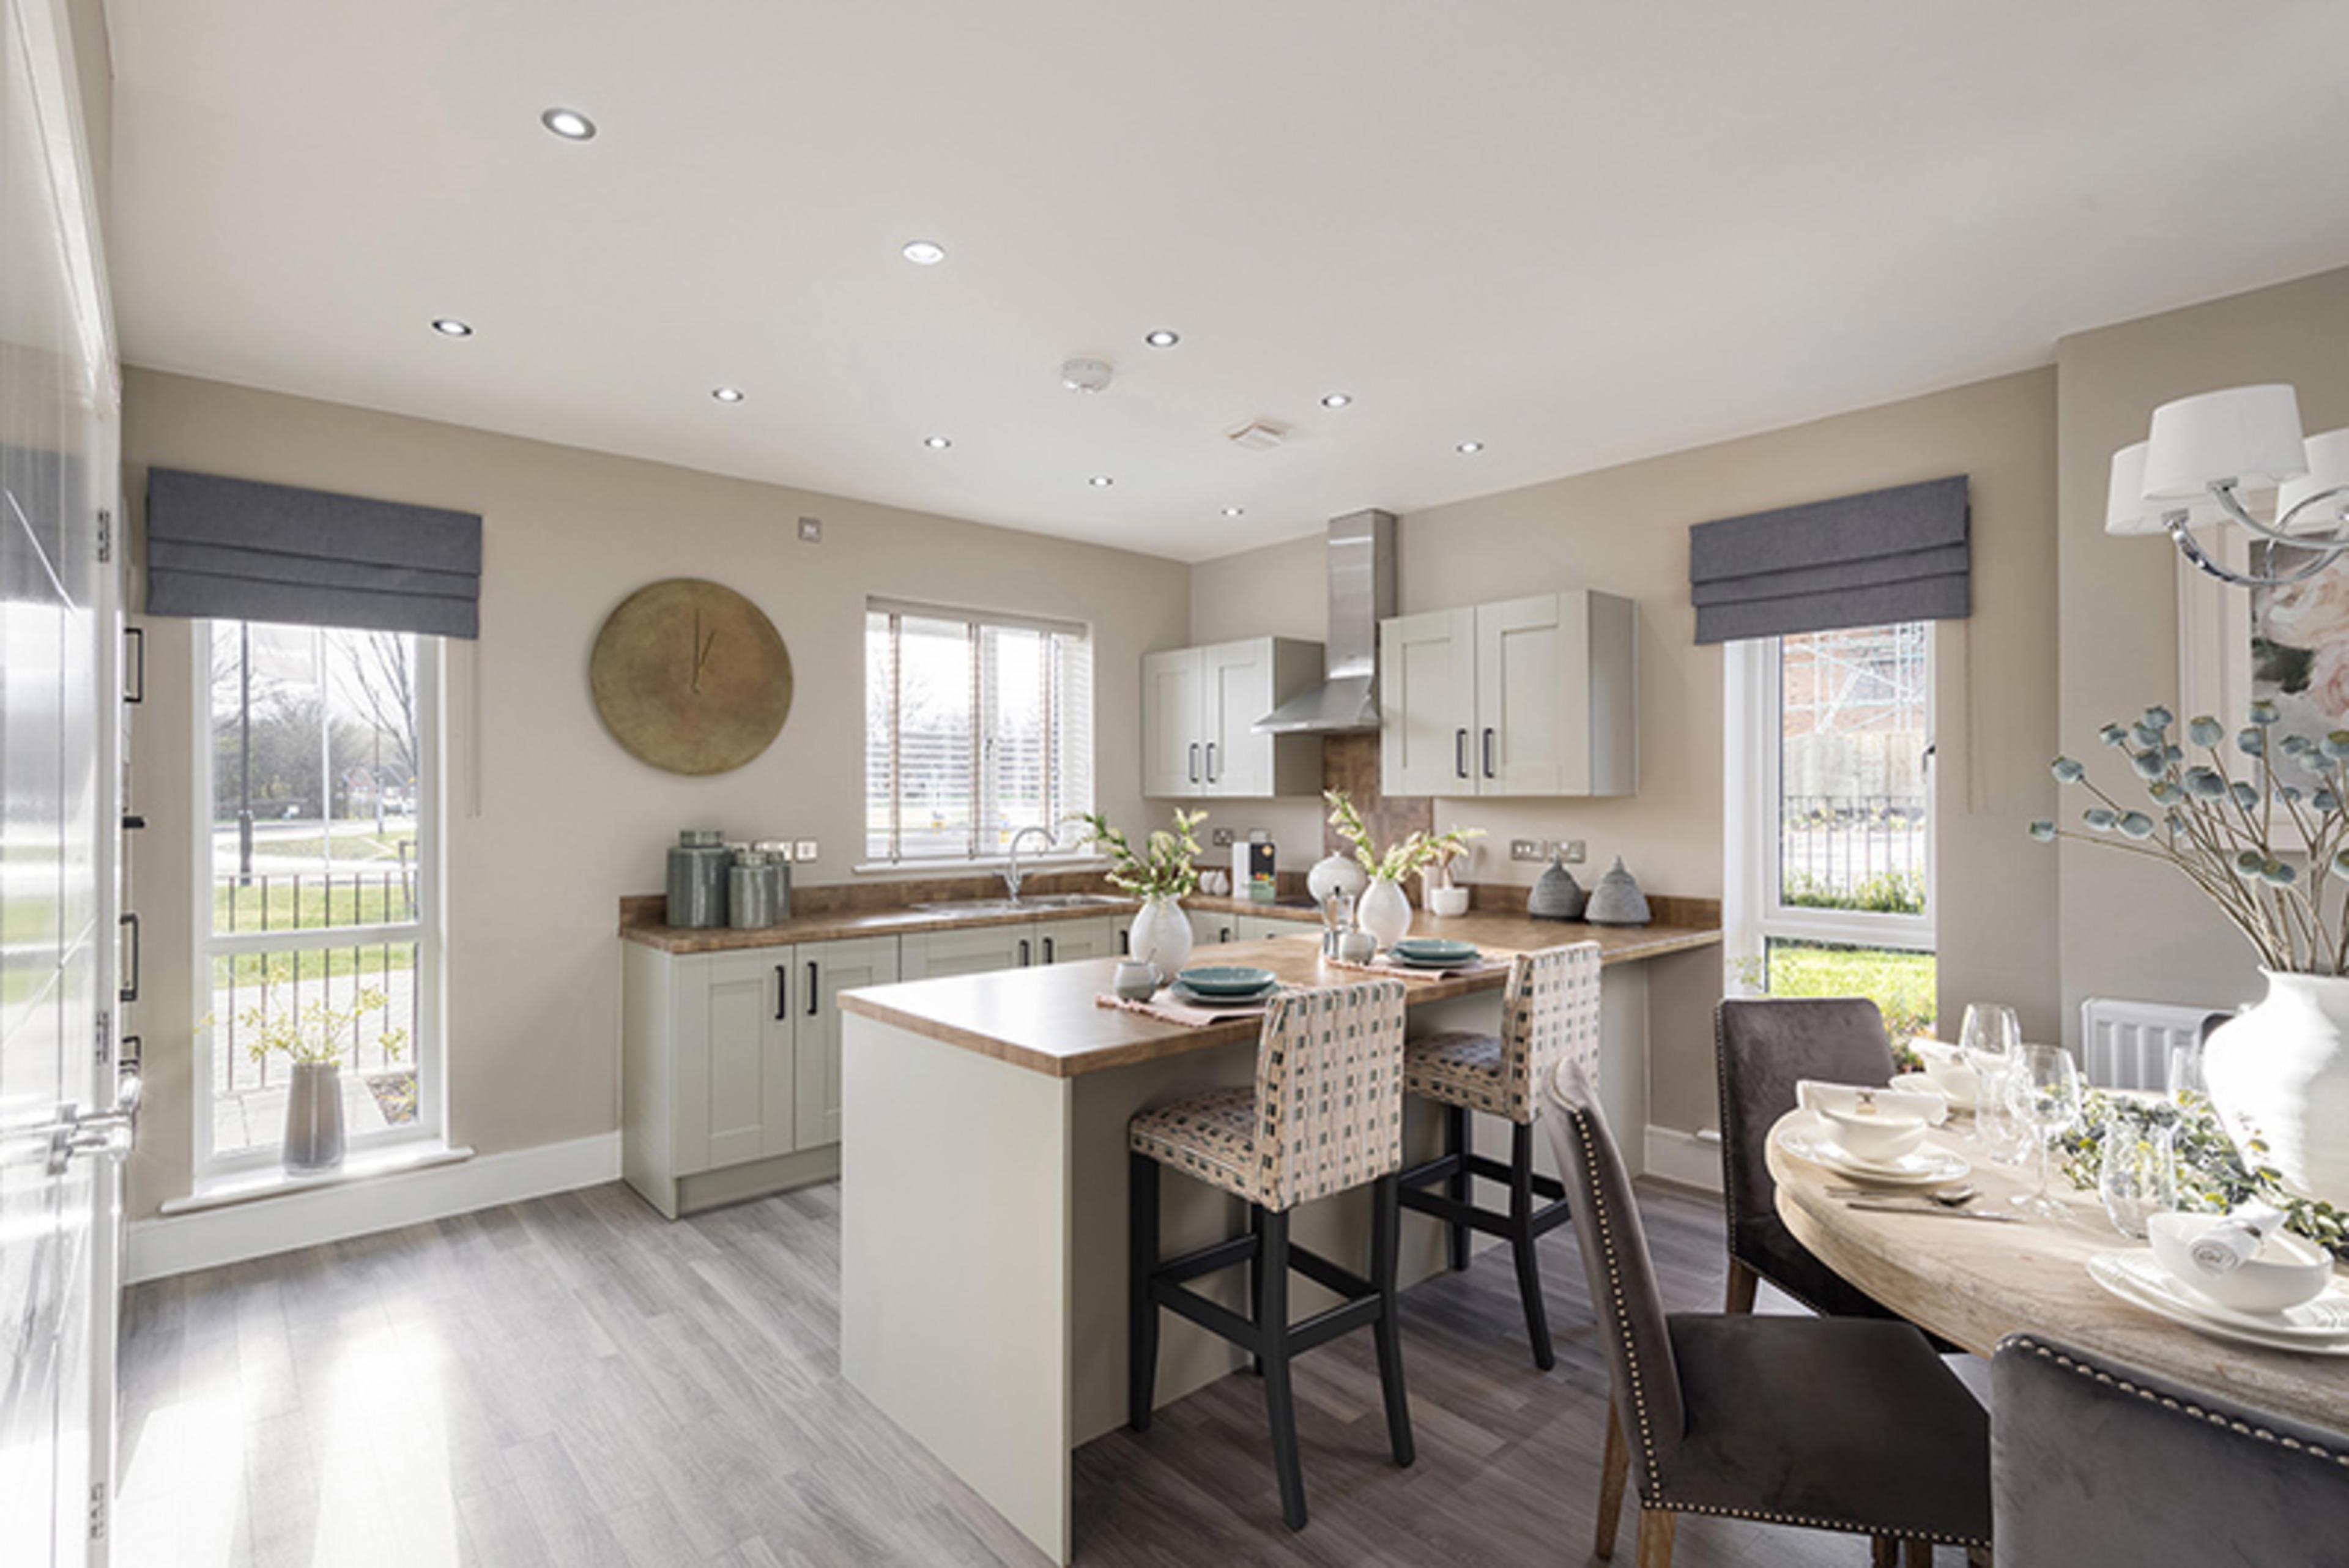 watling-grange-harrogate-calder-3-bed-home-kitchen-1